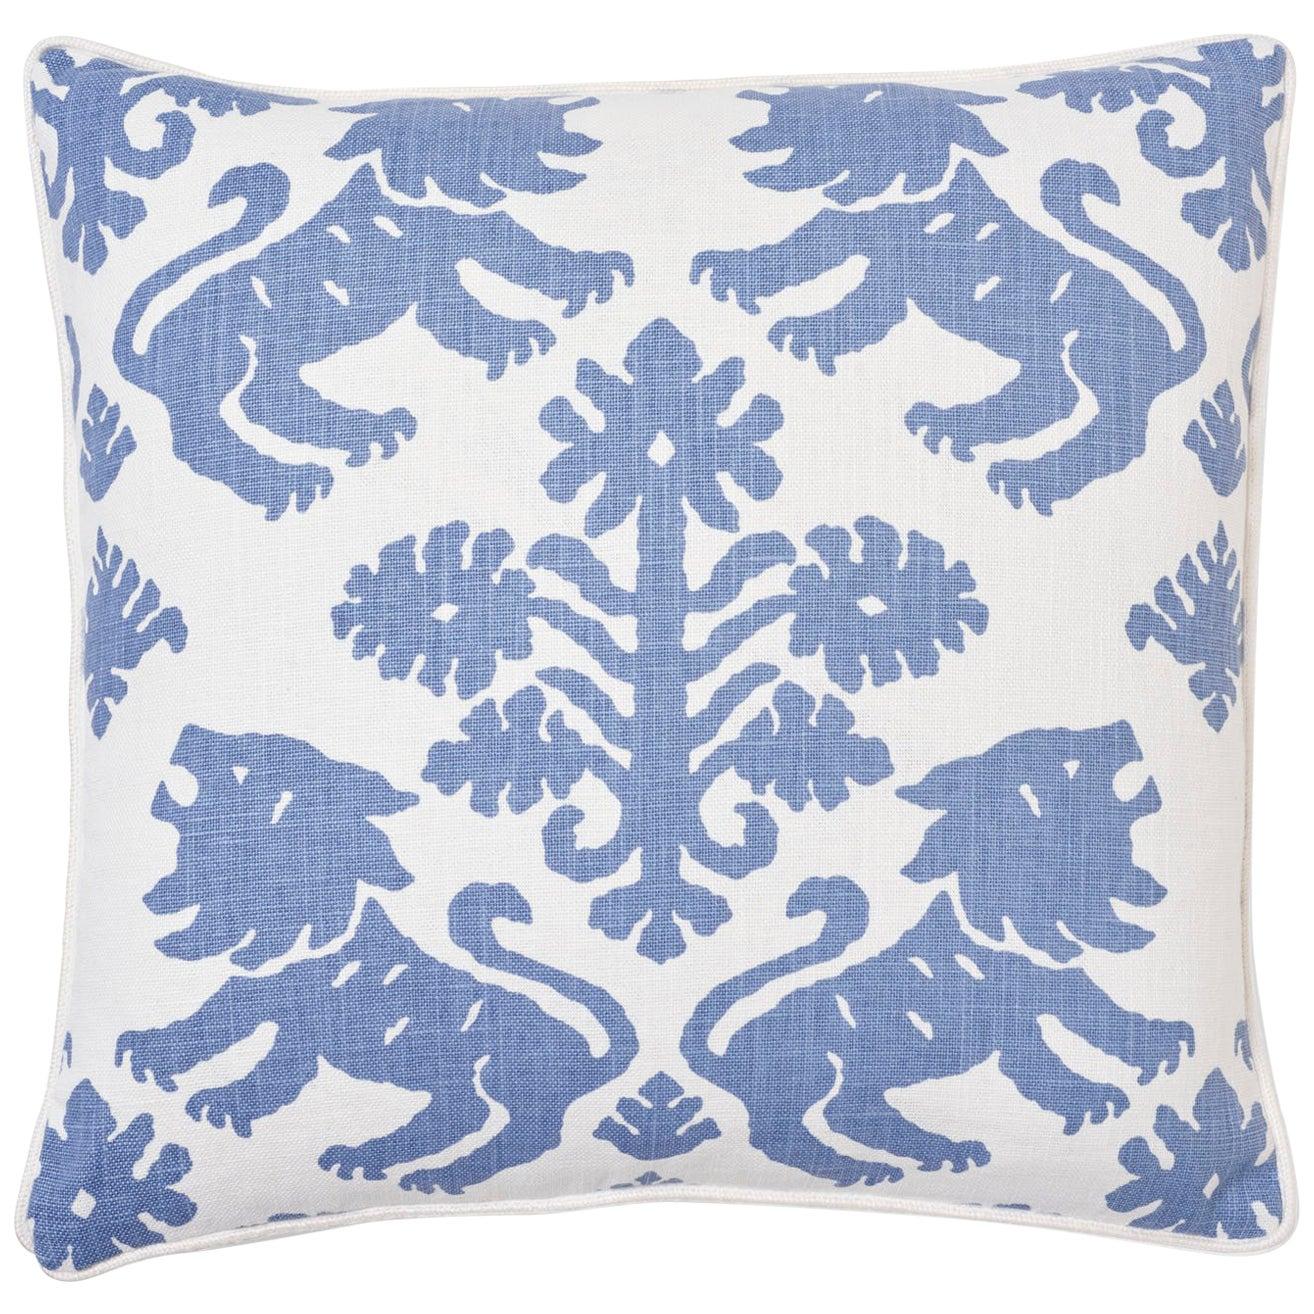 Schumacher Regalia Blue Two-Sided Linen Cotton Pillow